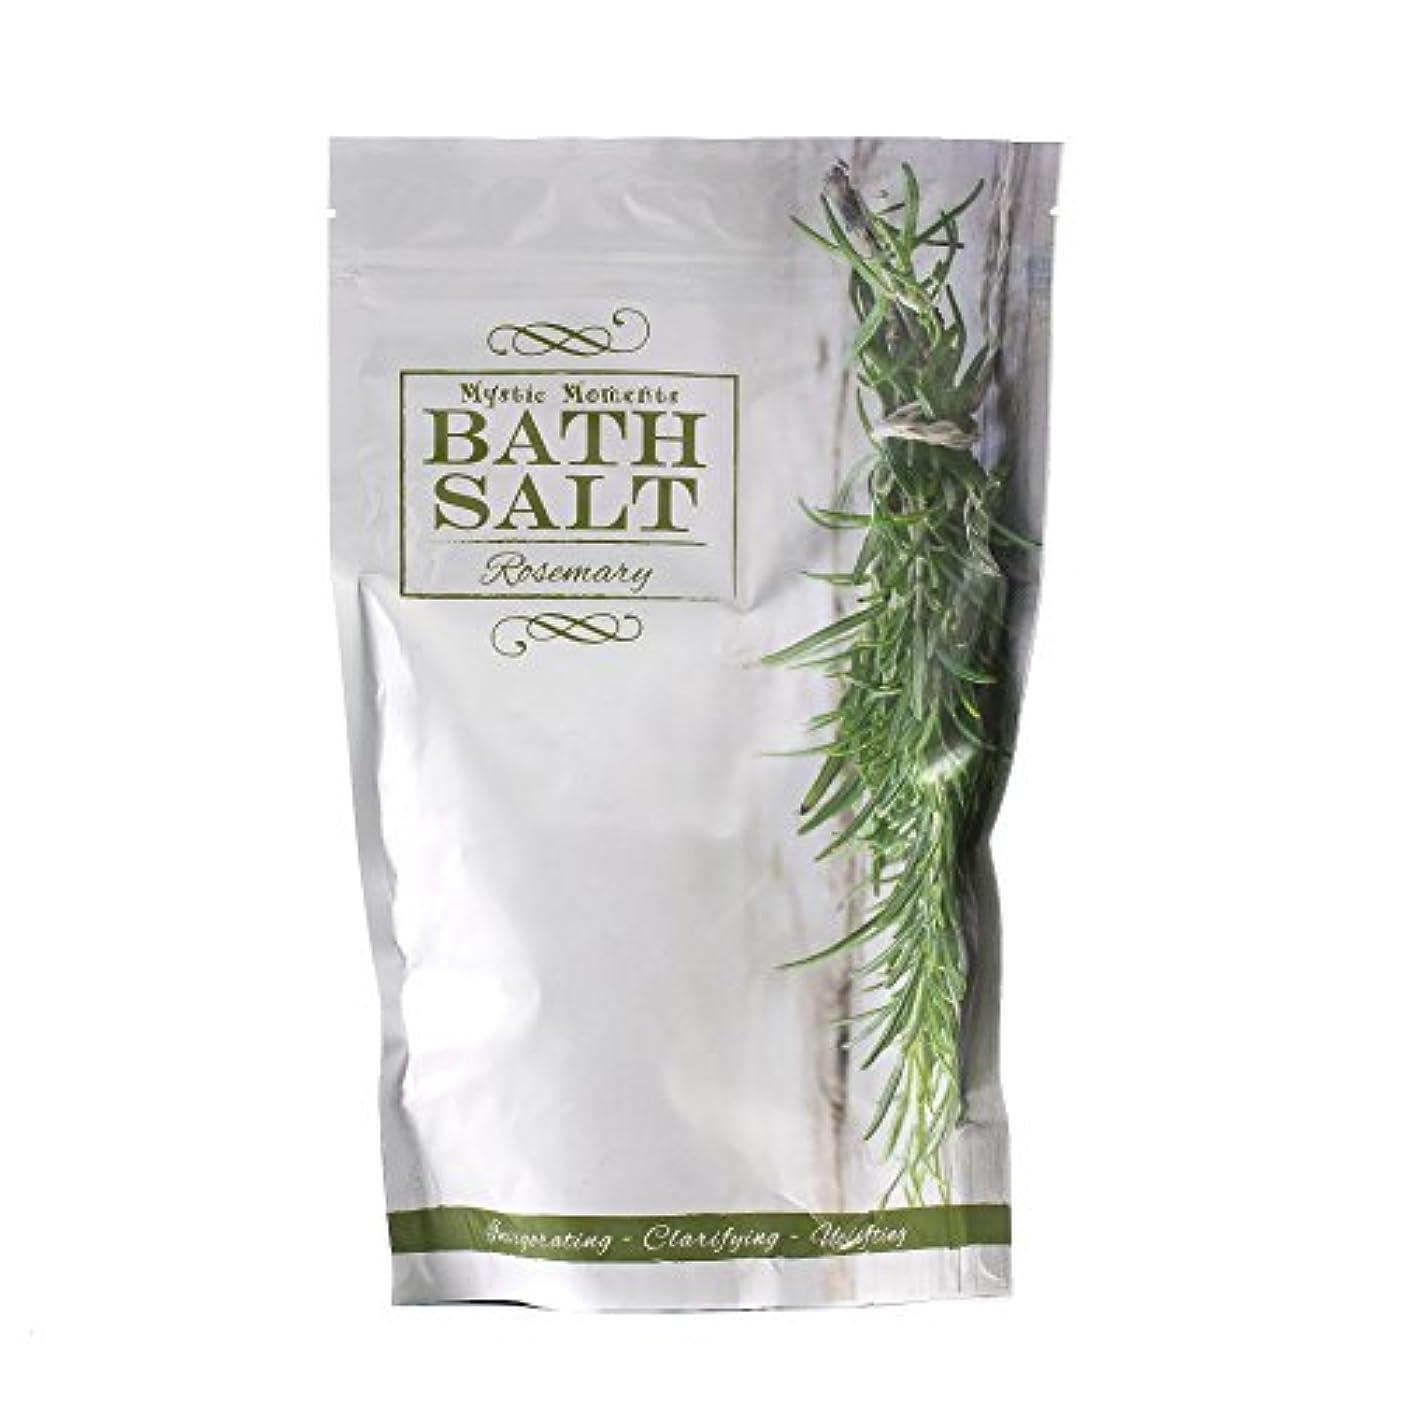 ソケット放棄された異議Bath Salt - Rosemary - 1Kg